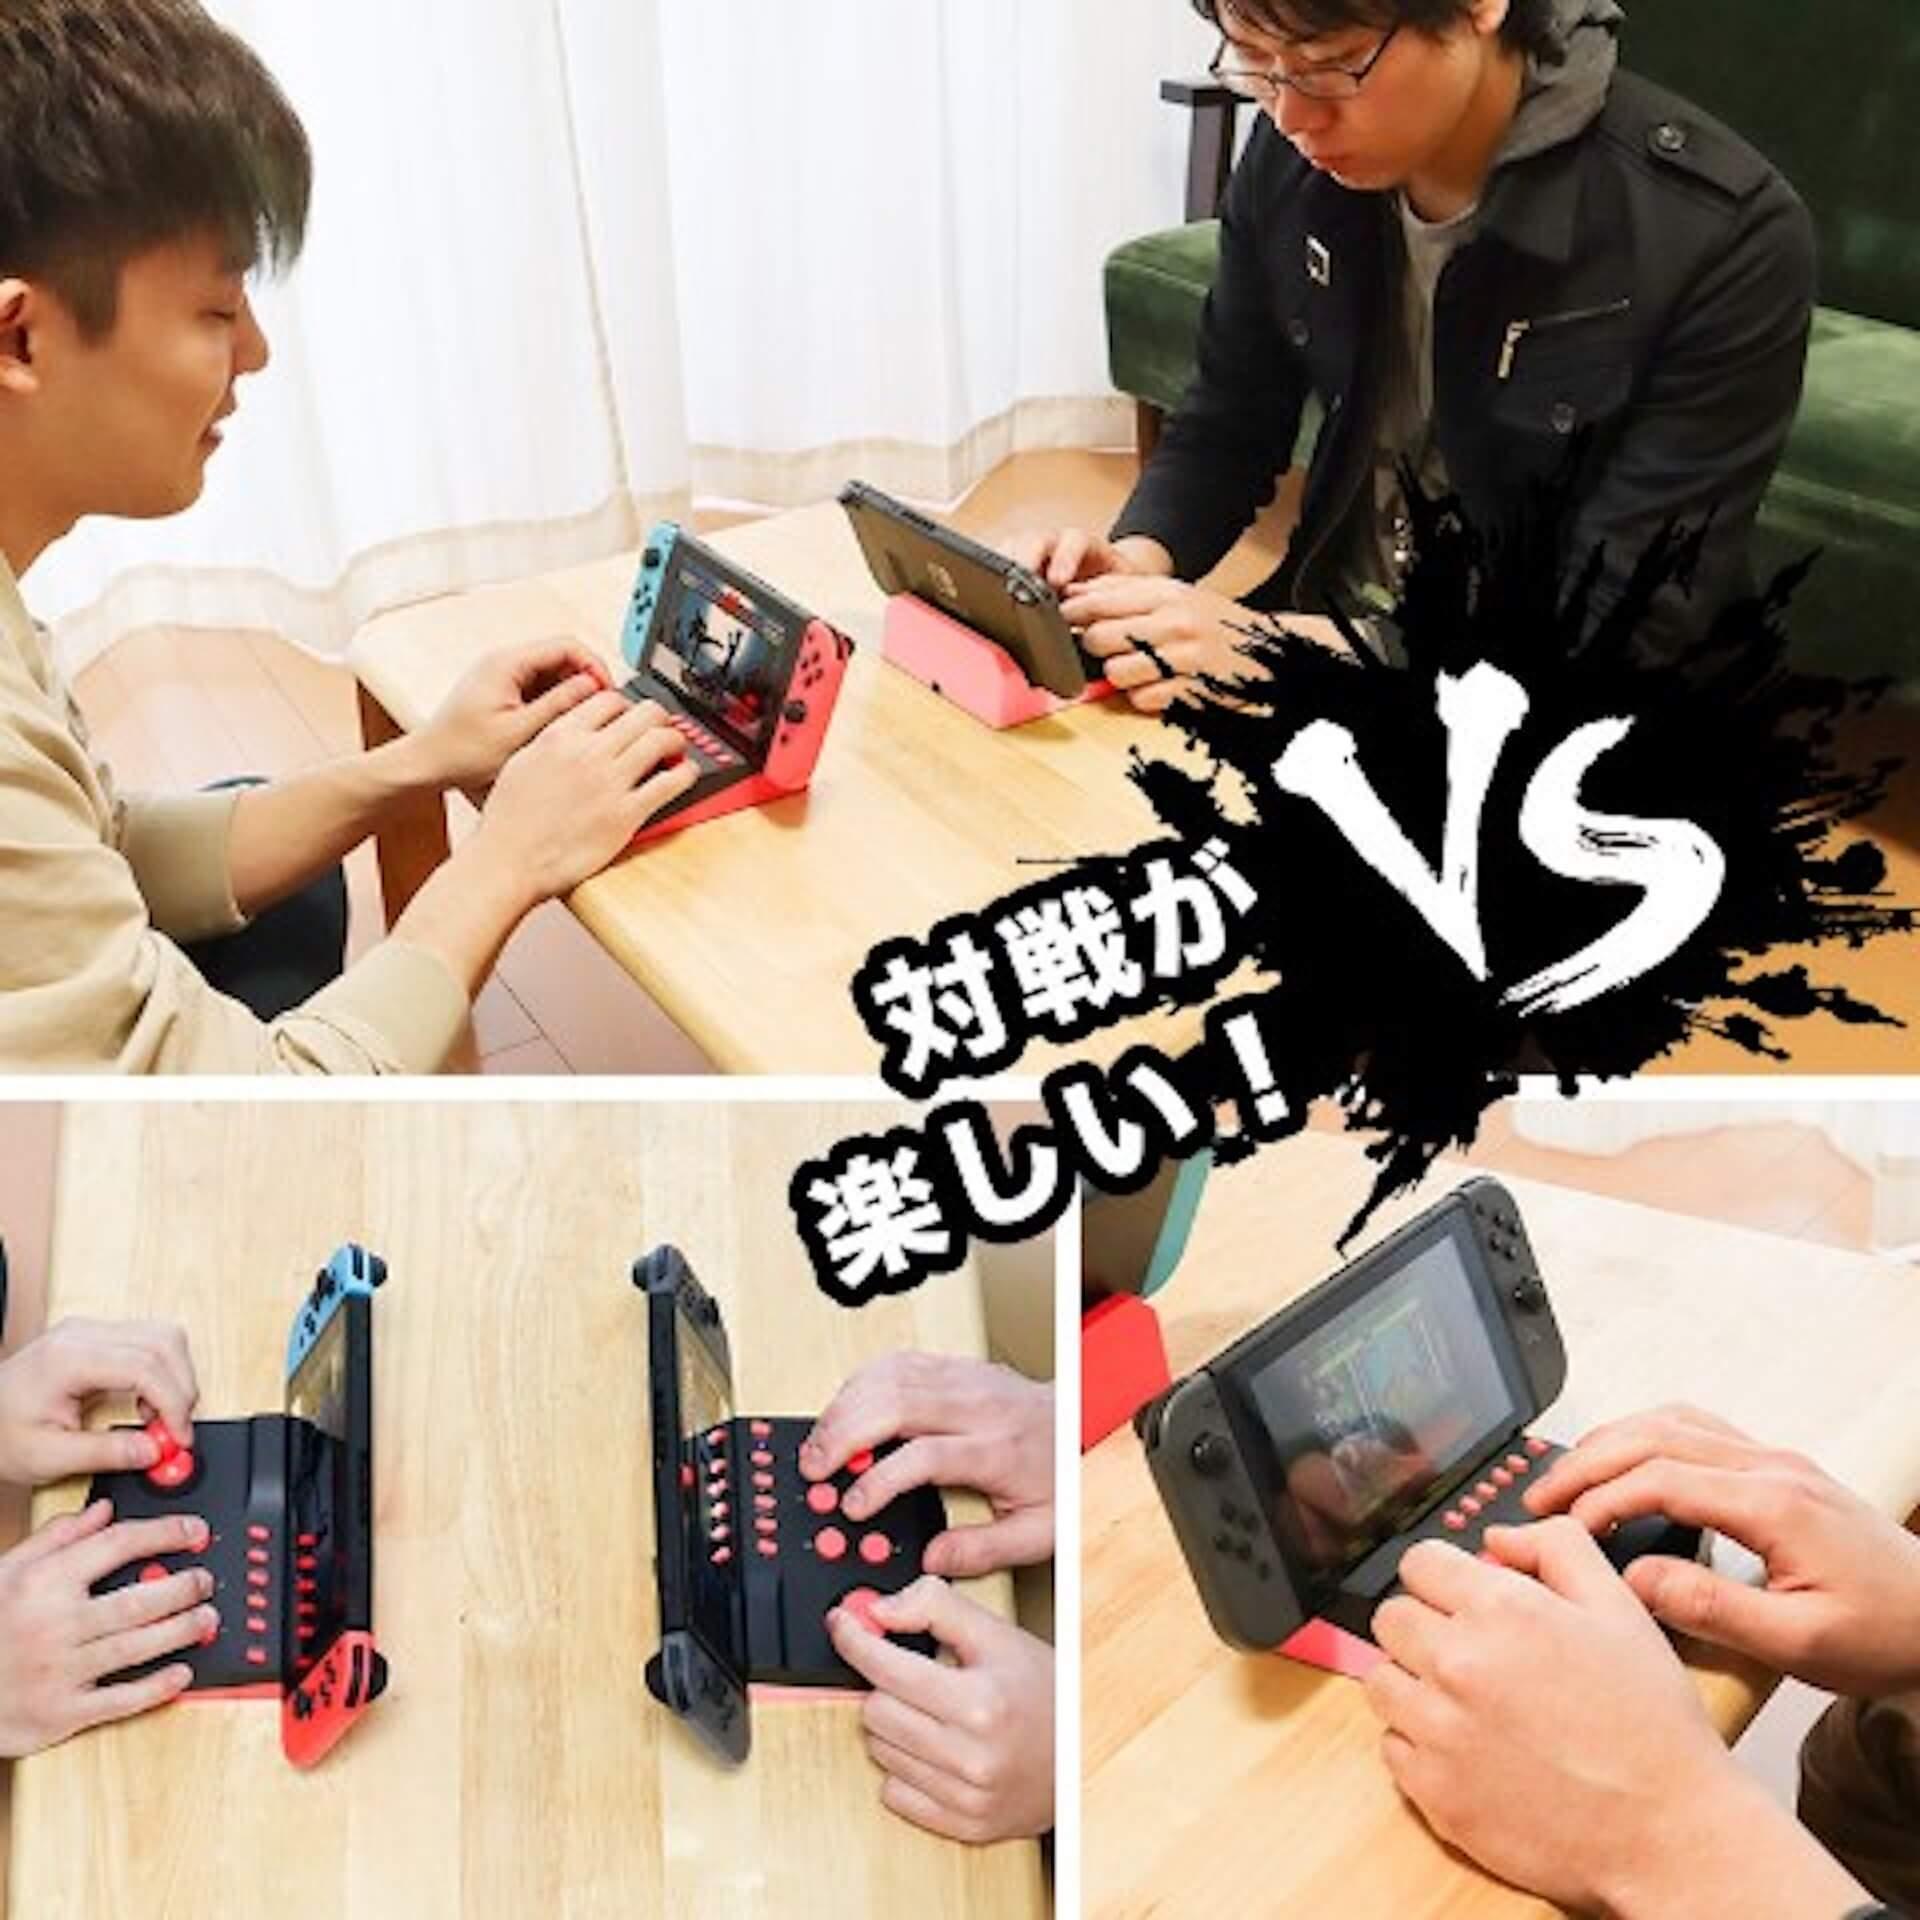 Nintendo Switchのゲームをアーケードゲーム風にプレイできる!ヴィレヴァンオンラインに充電できる「アーケードコントローラー」が登場 tech210323_nintendoswitch_controller_2